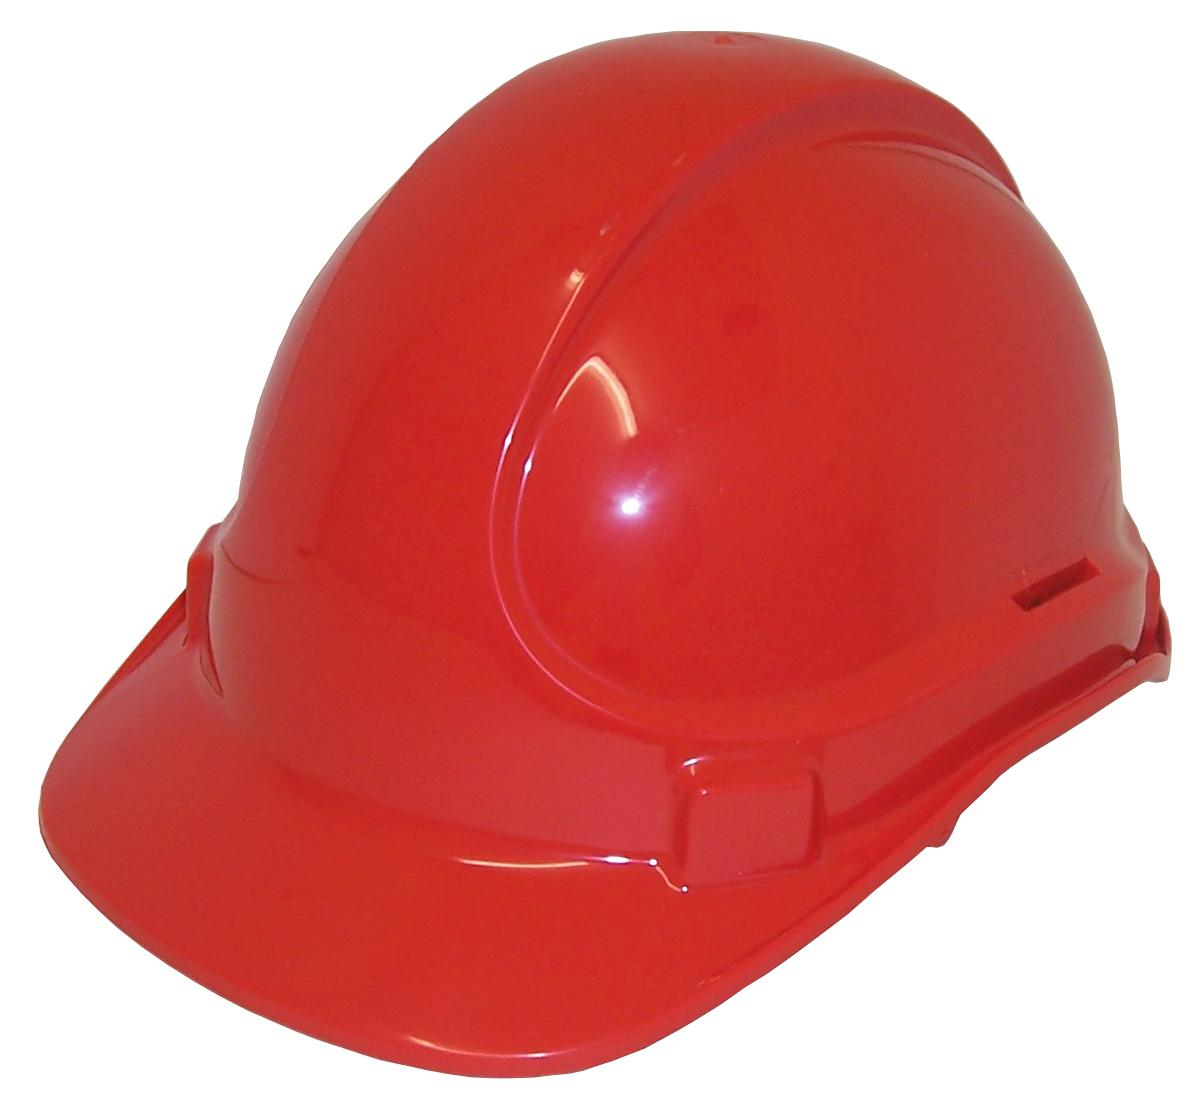 Unilite Safety Helmet Red